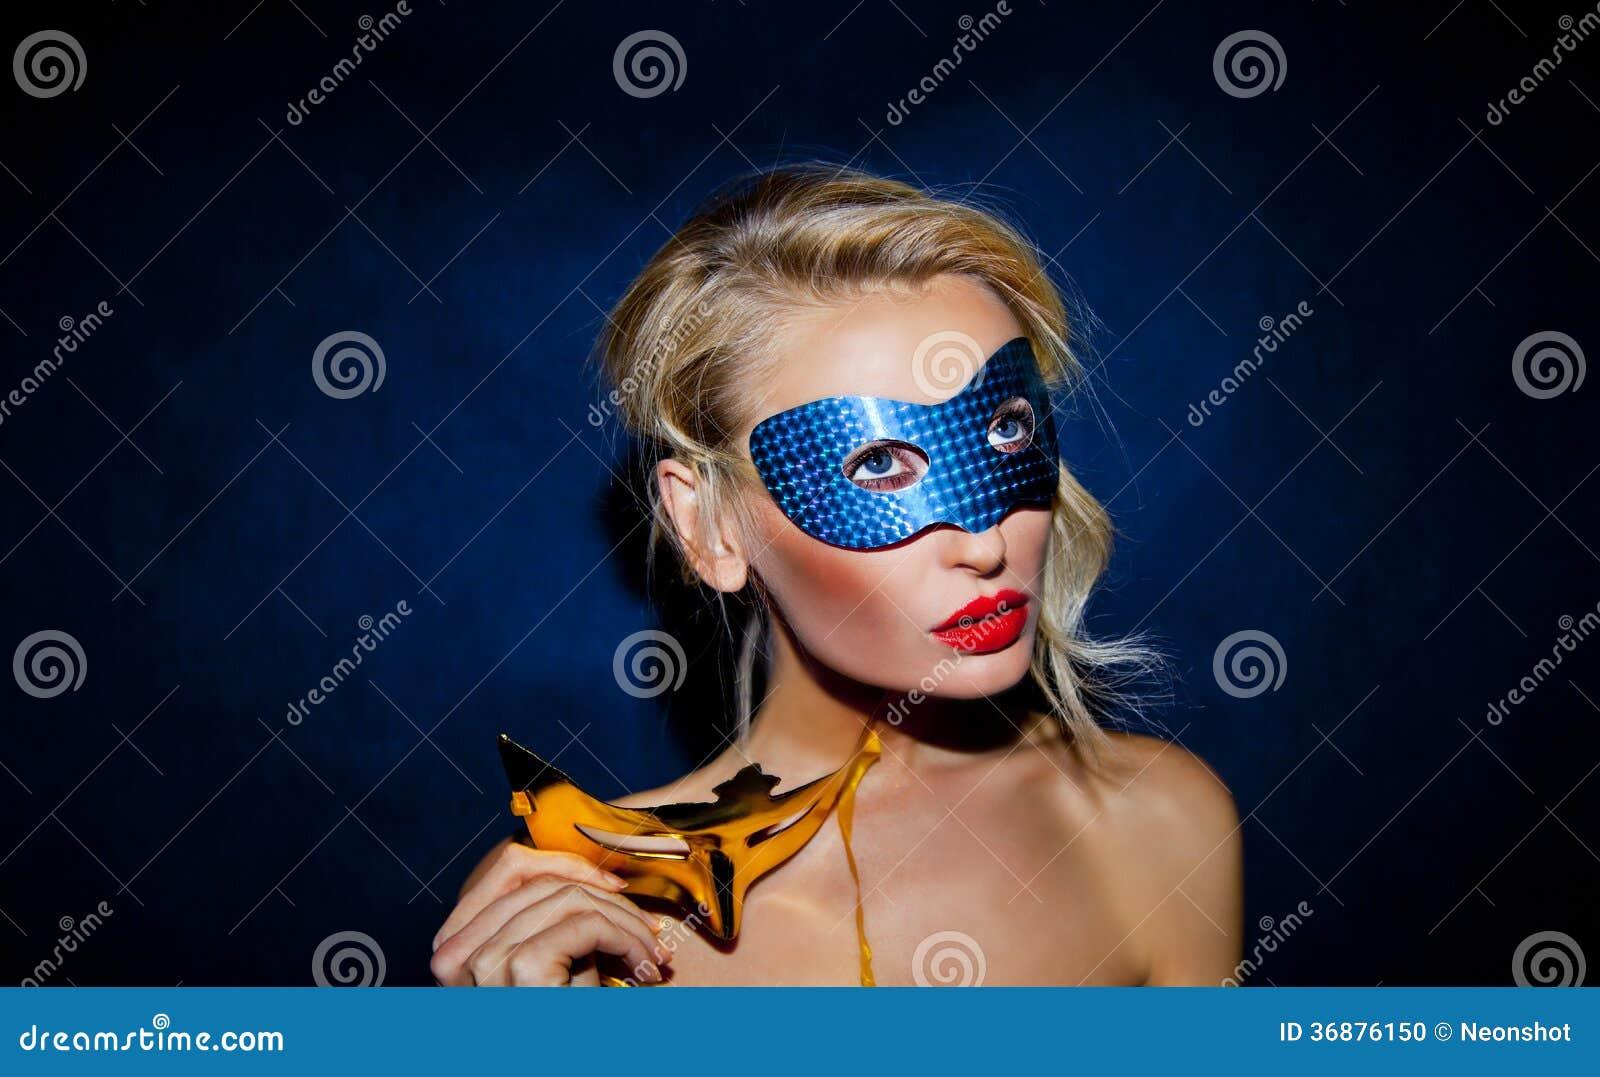 Download Signora Di Bellezza Che Posa Nella Maschera. Fotografia Stock - Immagine di partito, fascino: 36876150